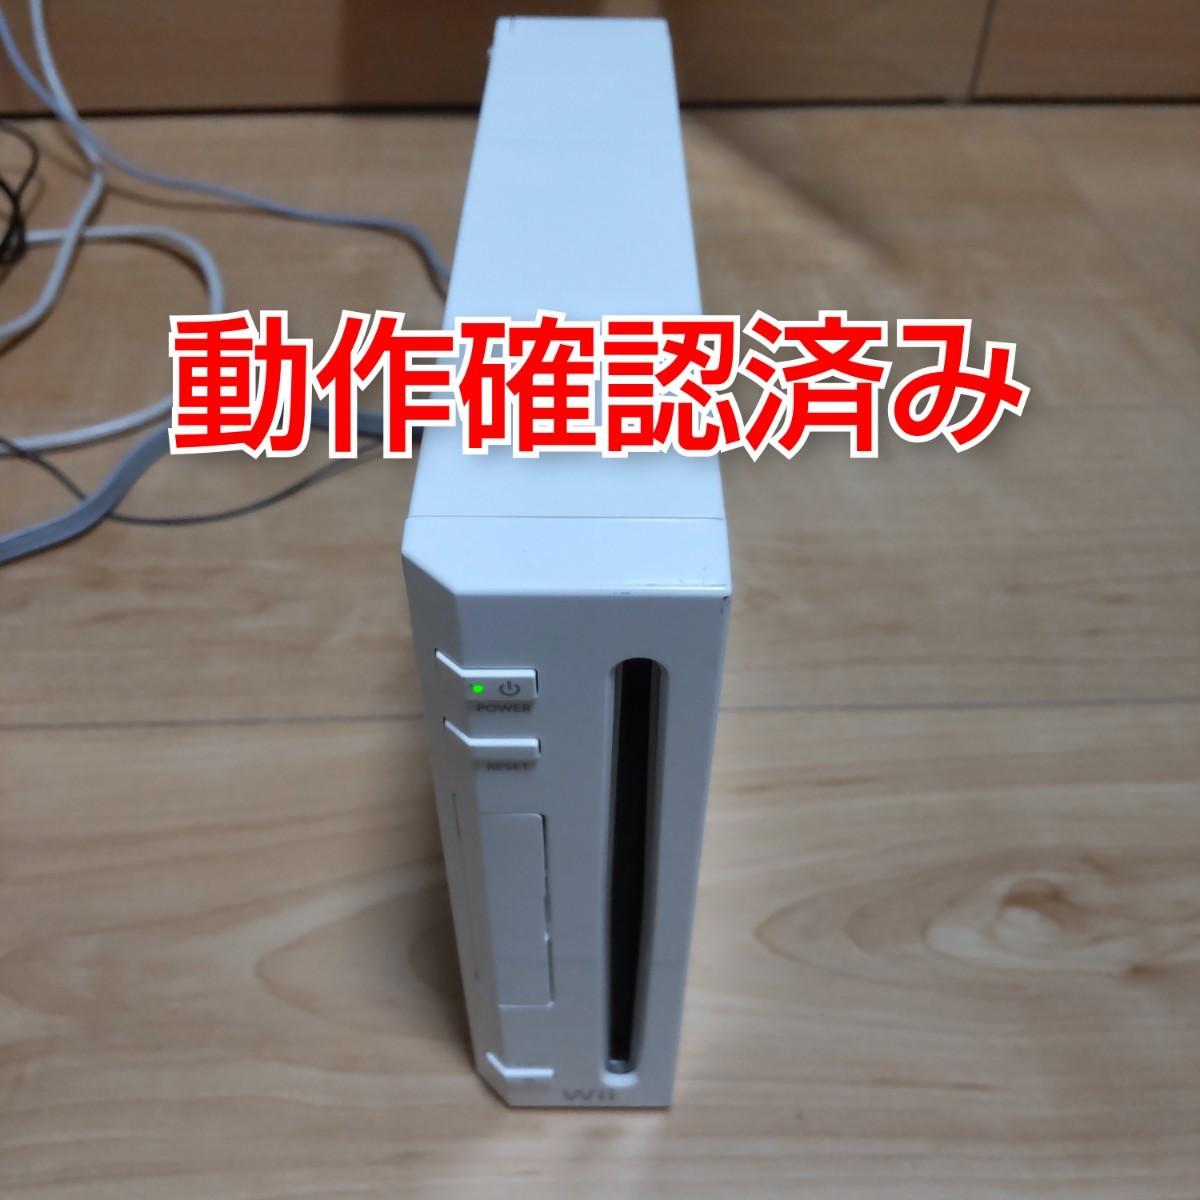 任天堂 Wii 白 本体のみ 動作確認済